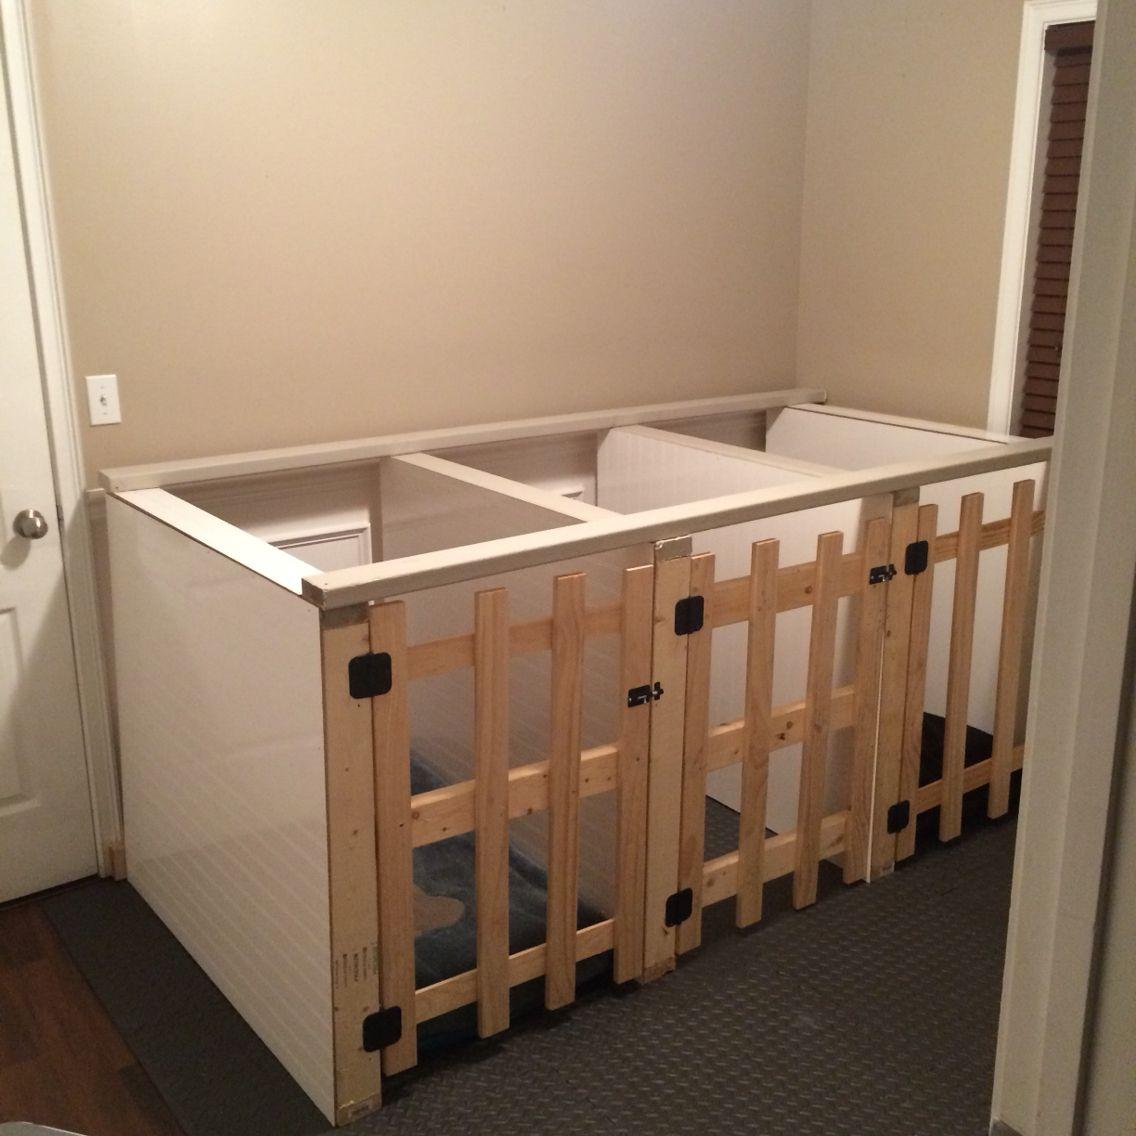 Diy dog indoor kennels dog breeding kennels ideas for Design indoor dog crate